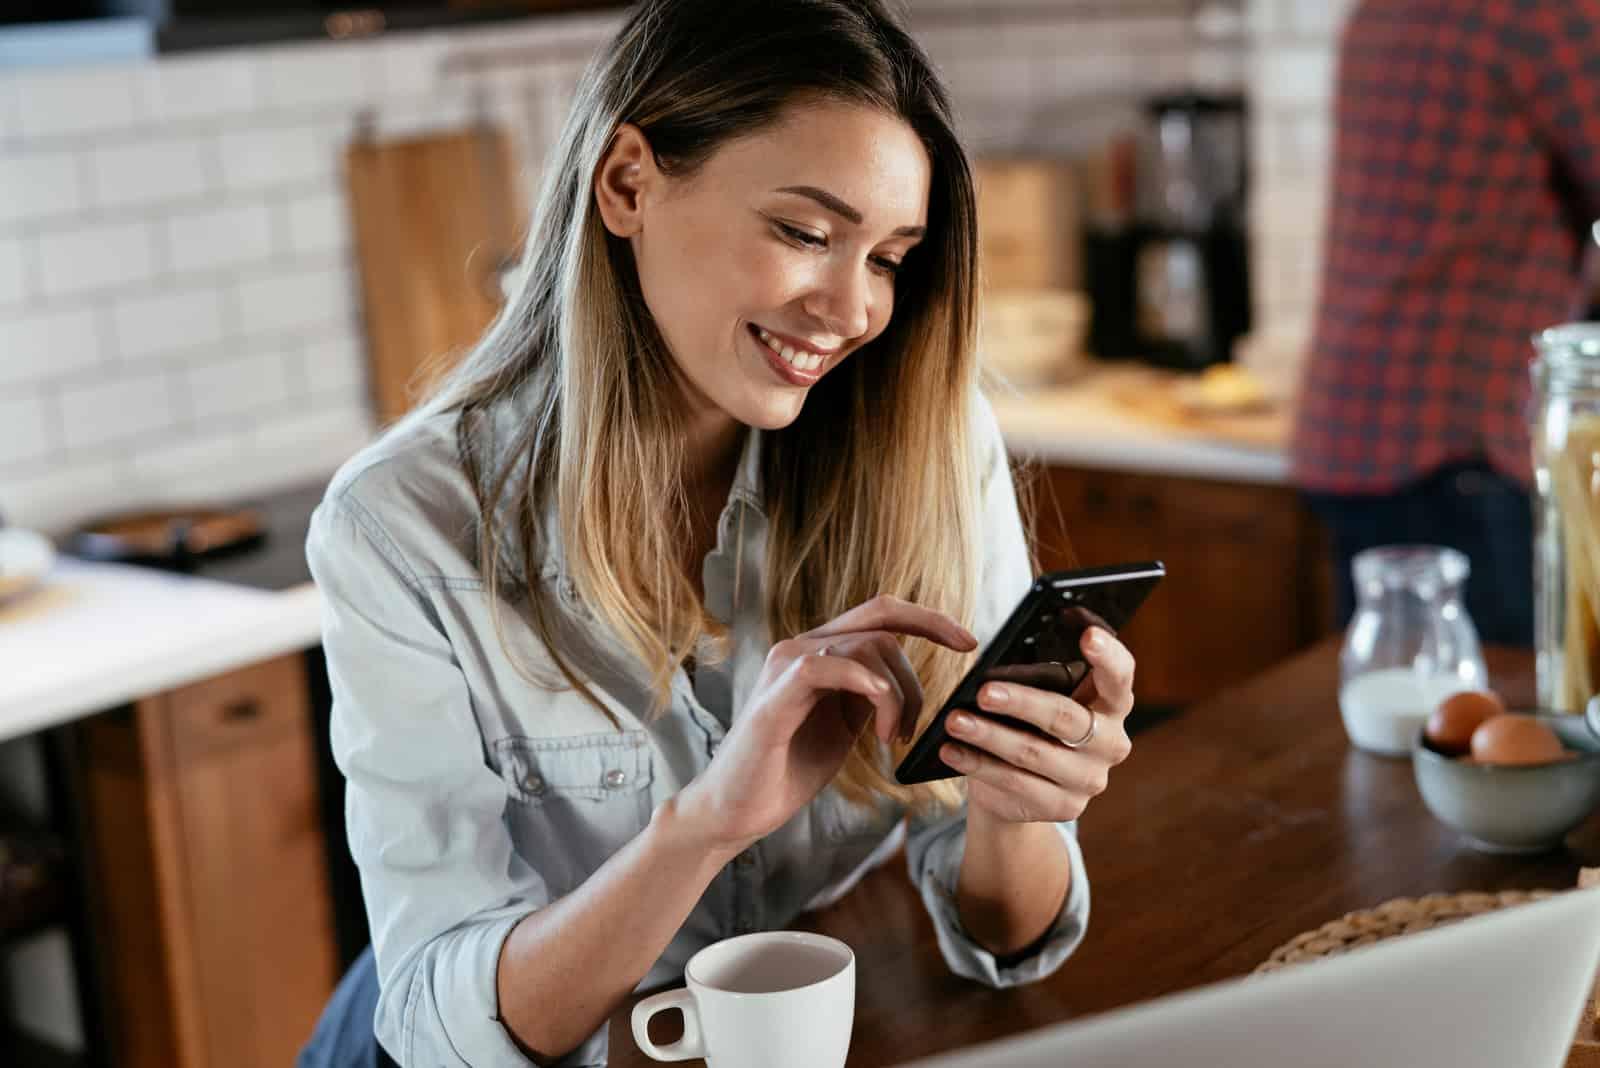 une femme aux cheveux bruns souriante est assise à une table, tenant un téléphone à la main